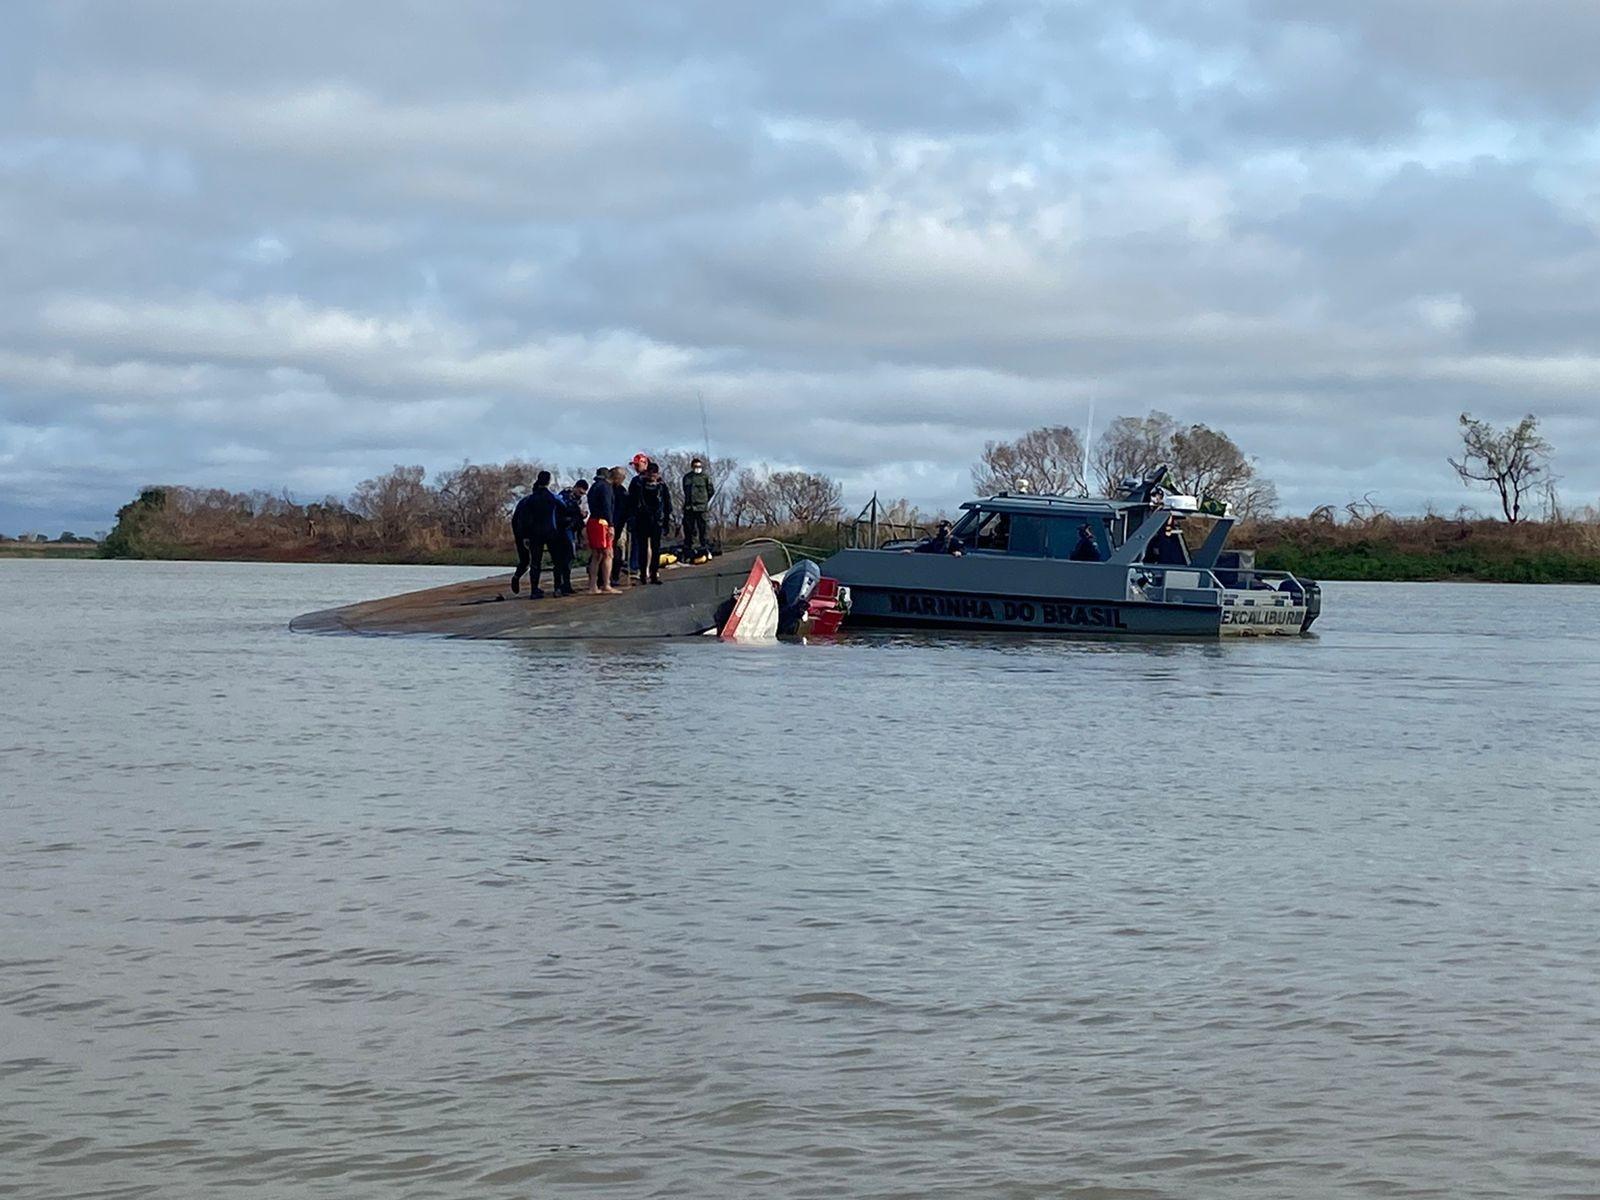 'Deu uma chacoalhada no barco. Dois segundos depois virou', conta sobrevivente de naufrágio em MS